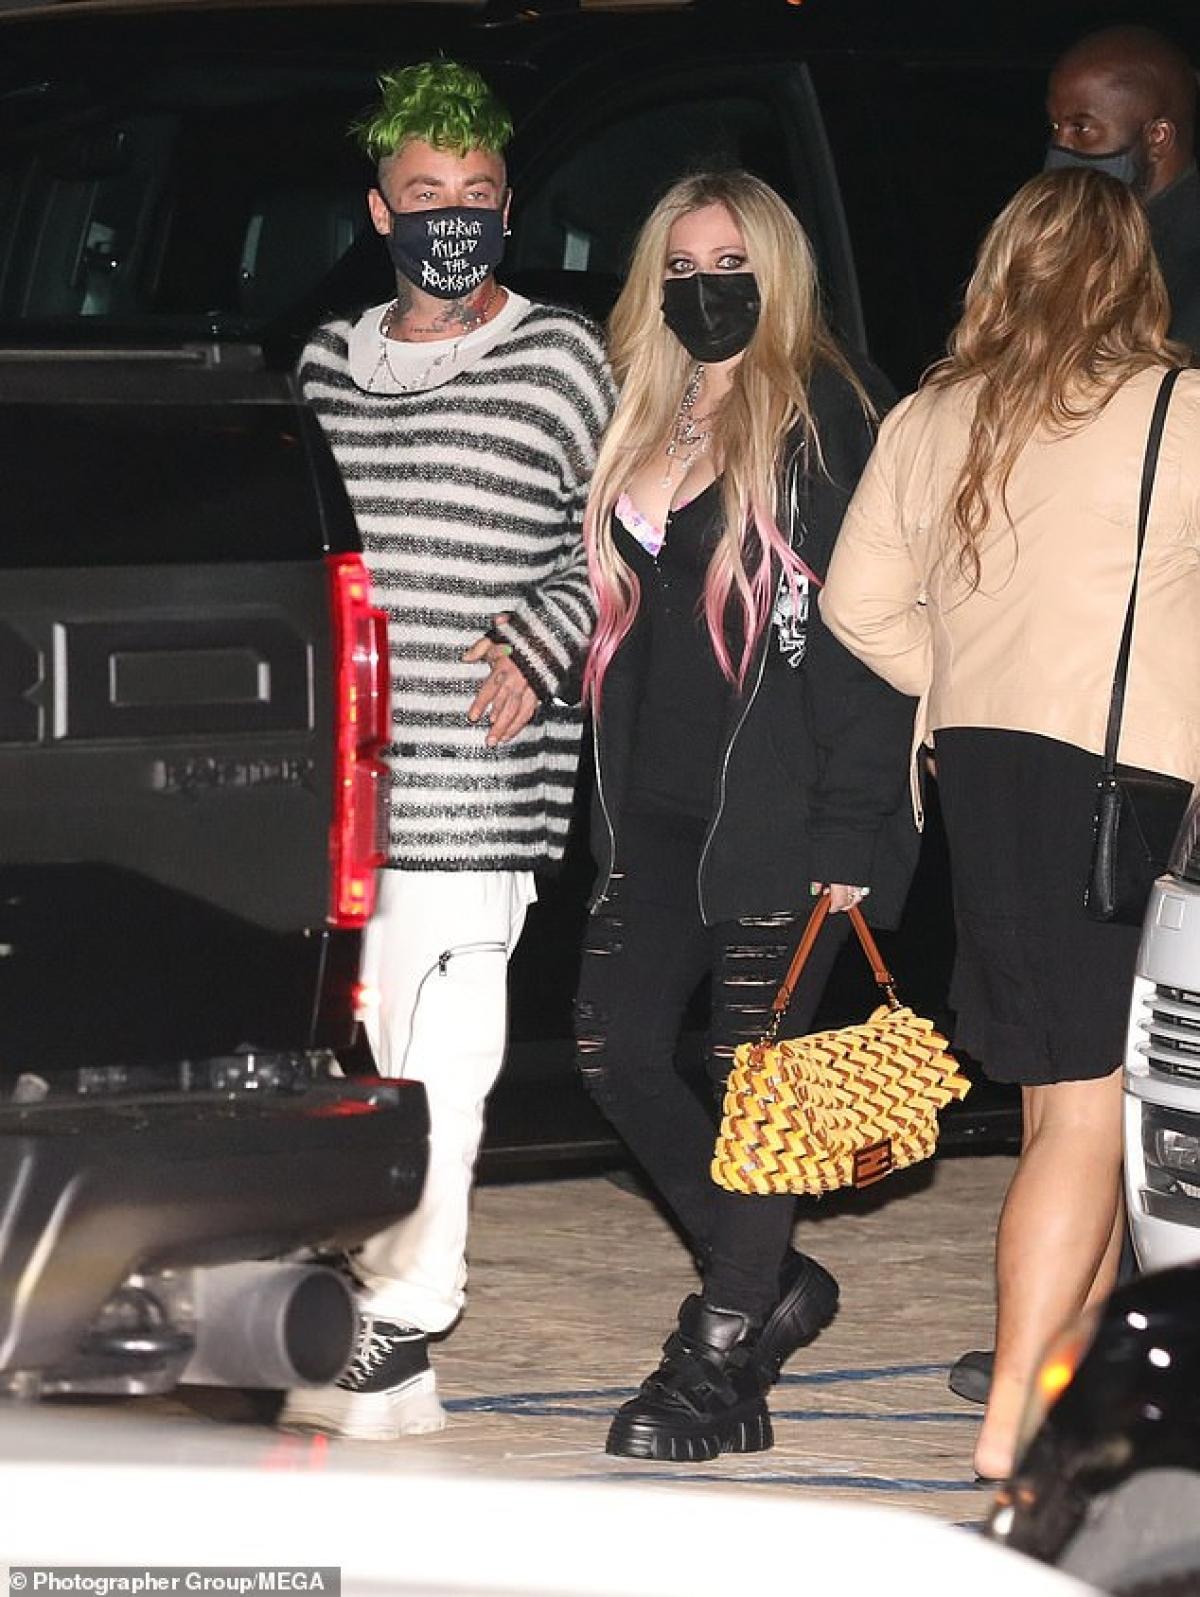 Bạn trai Avril Lavigne nhuộm tóc xanh nổi bật và vô cùng ấn tượng.